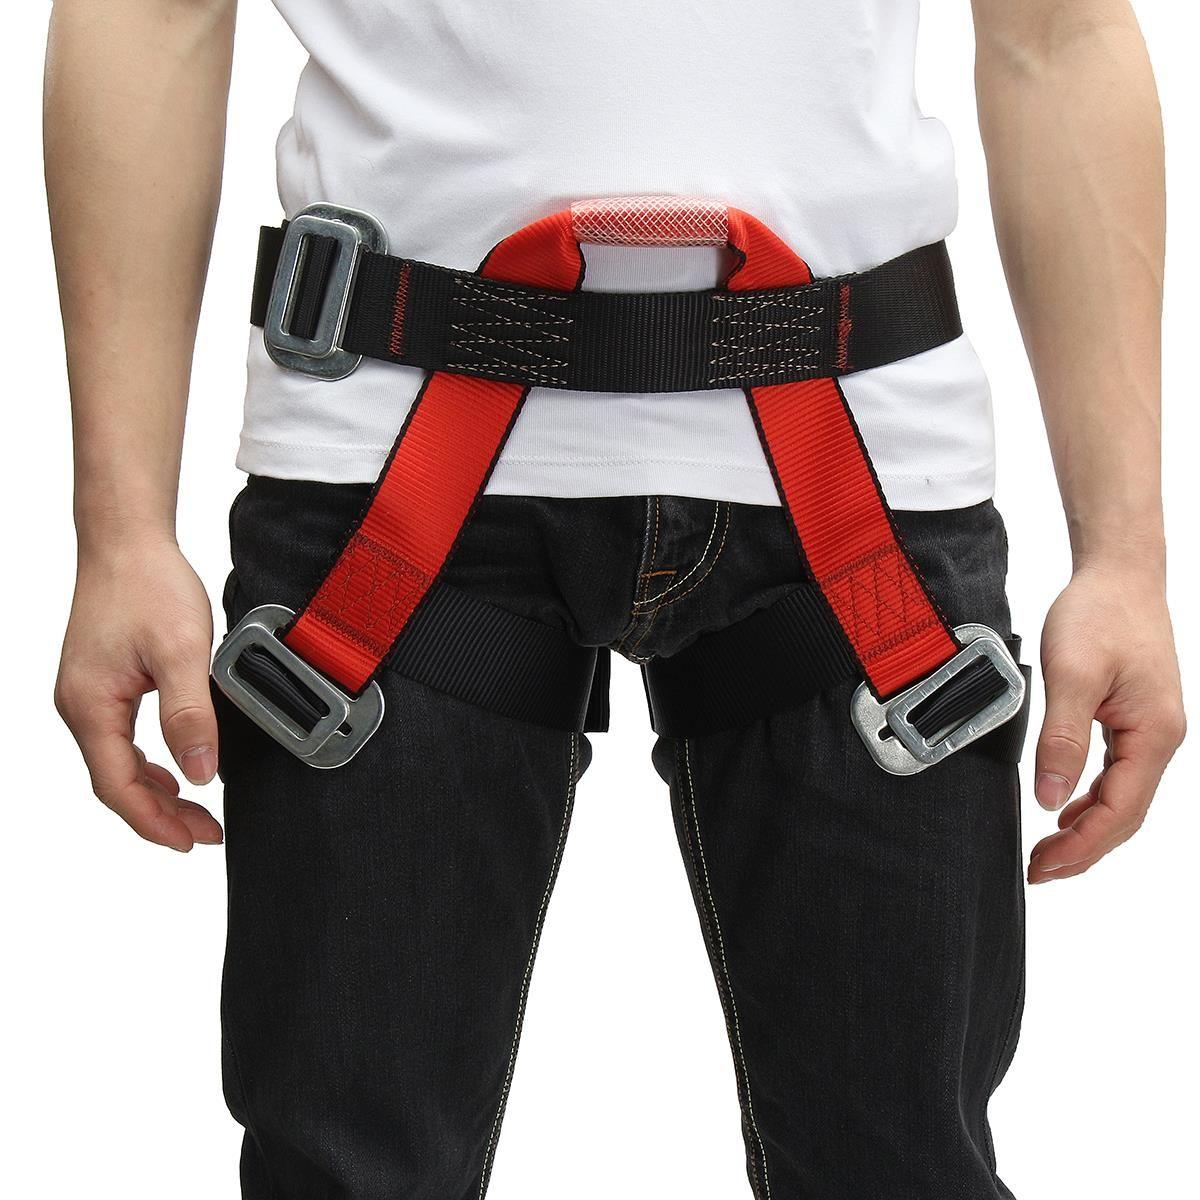 Outdoor Klettern Sicherheitsgurt Halbkörper Schutz für Klettern Downhill Harness Rappel Sicherheitsgurt klettern zubehör